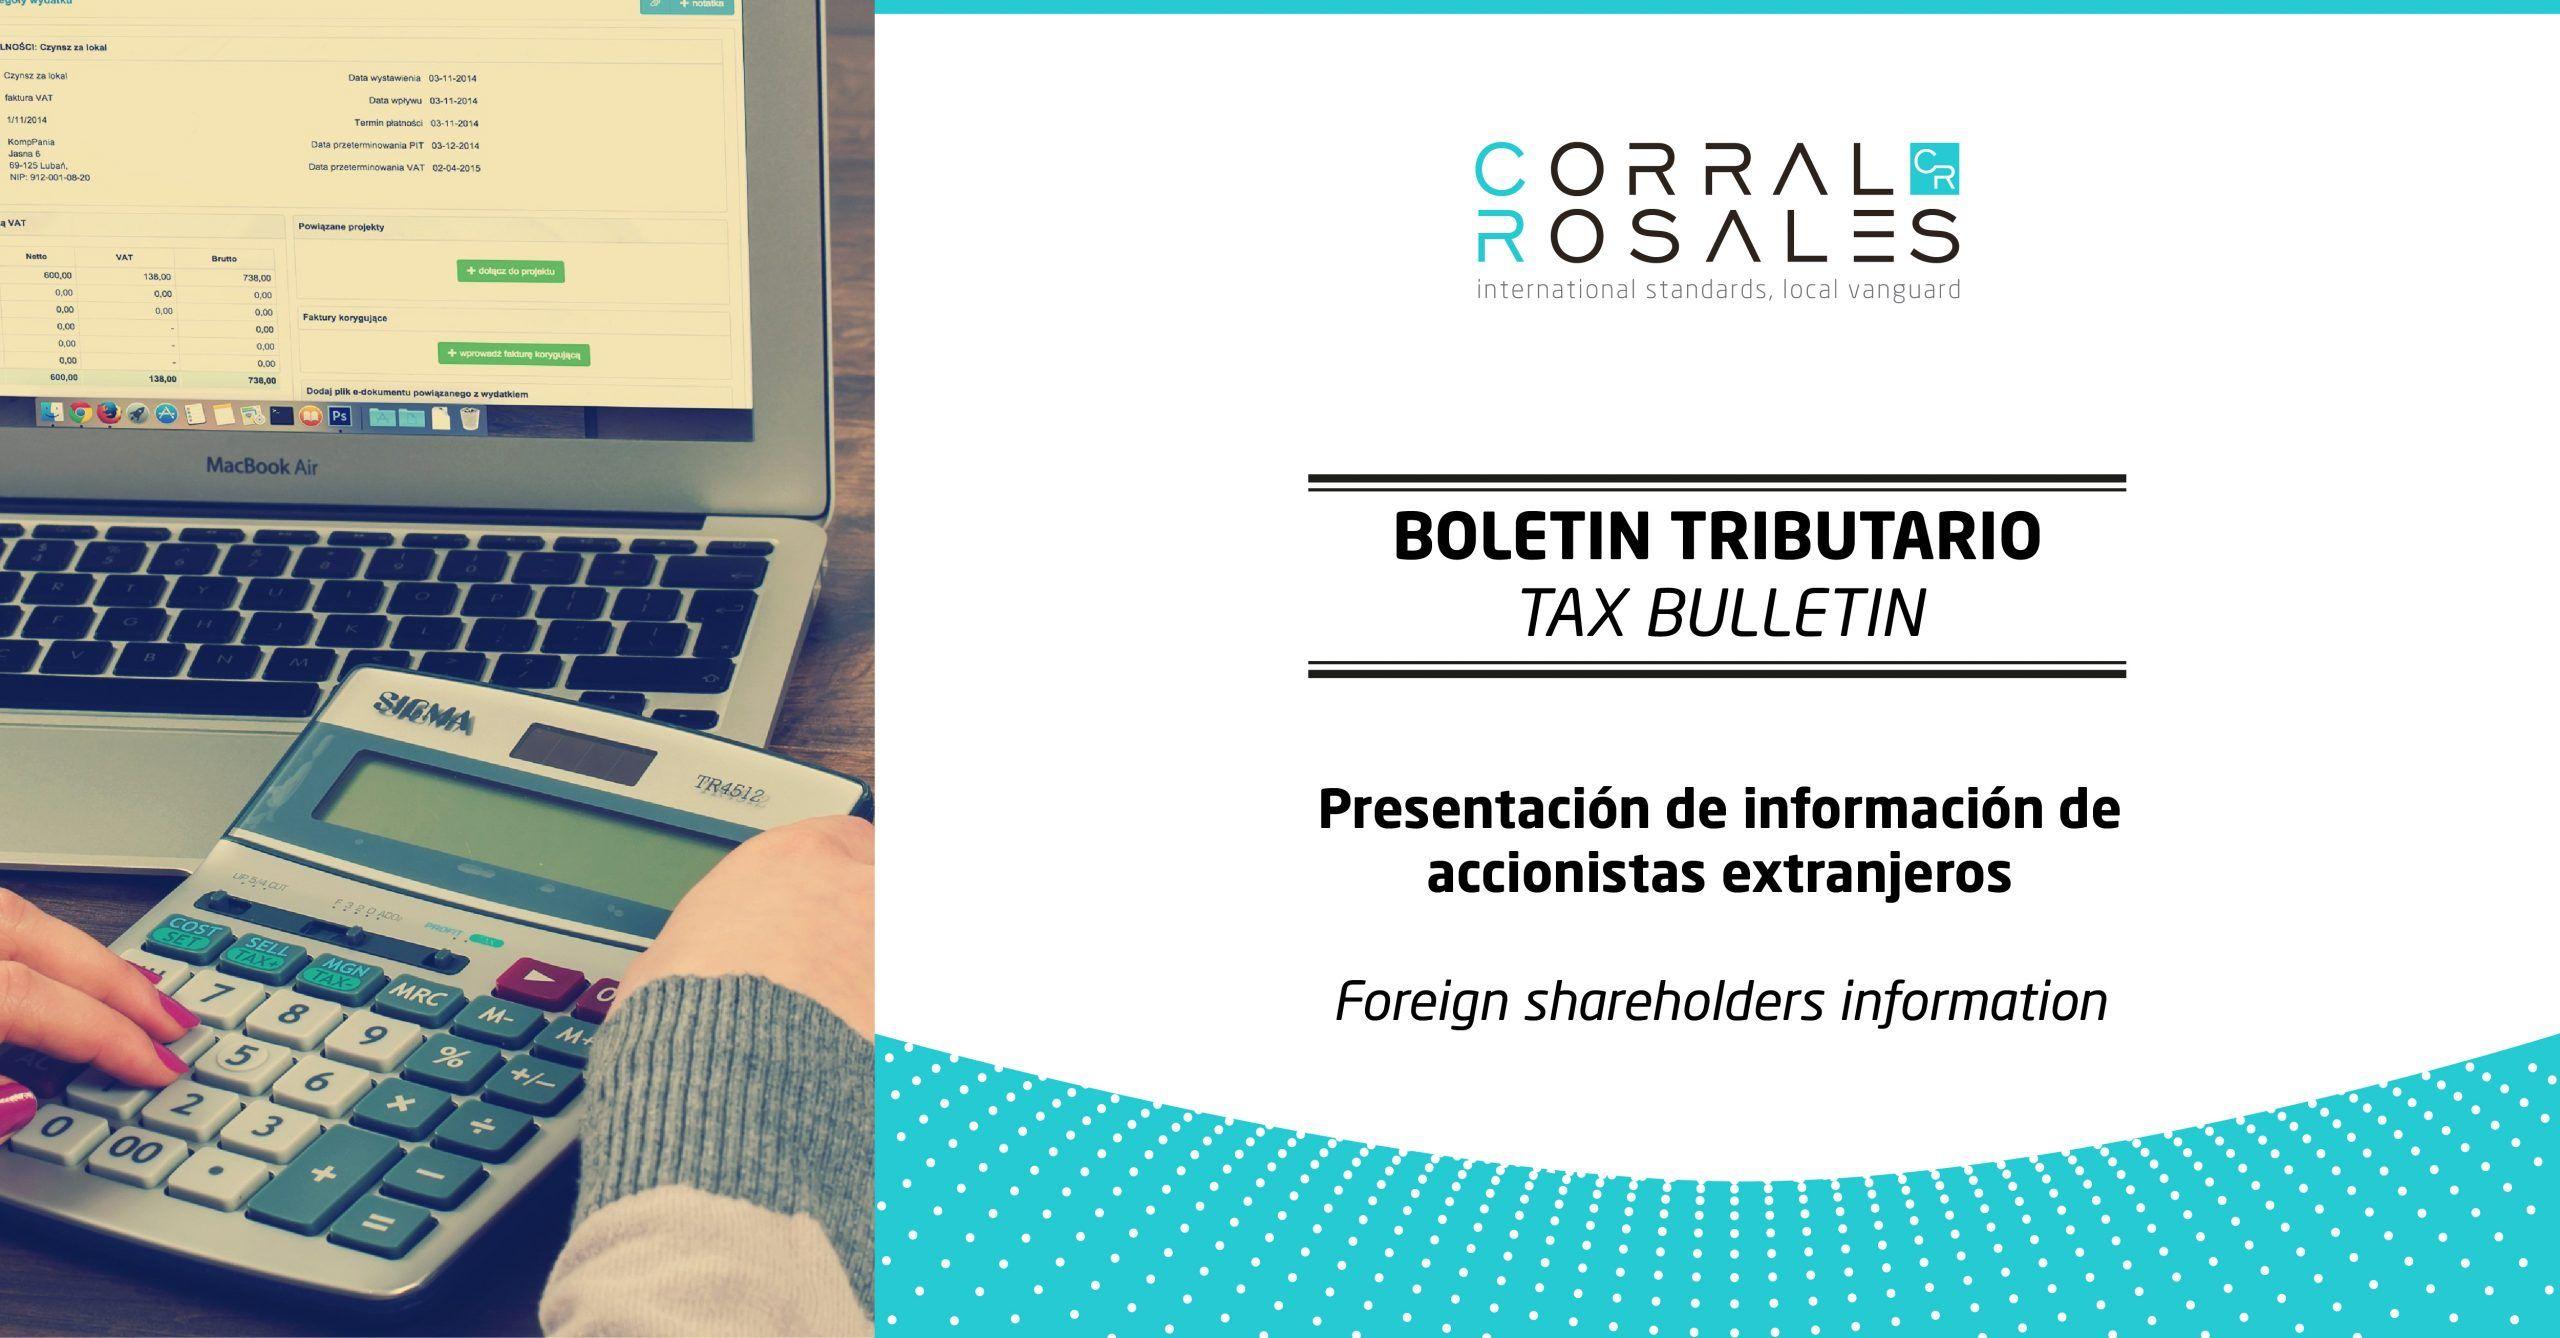 presentacion-de-informacion-de-accionistas-extranjeros-corral-rosales-abogados-ecuador